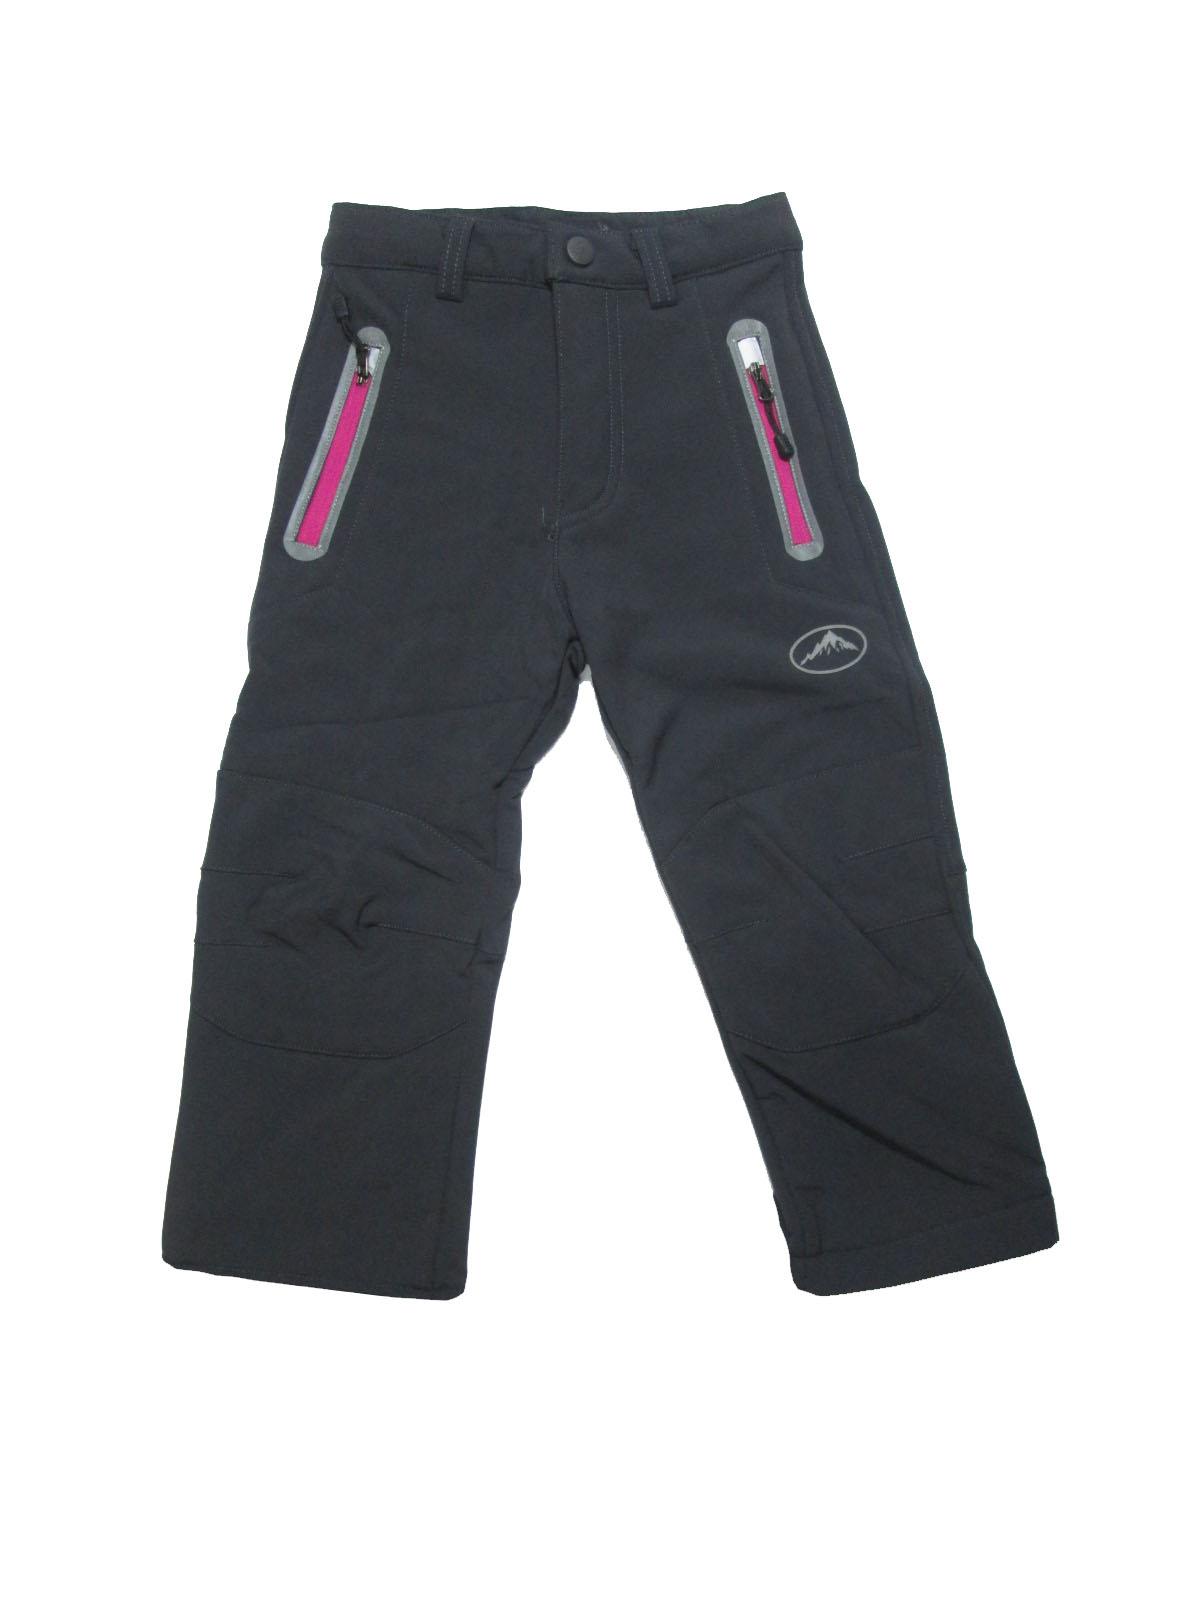 104-128-Dětské softshellové kalhoty flees KUGO - šedá barva (růžové zipy)